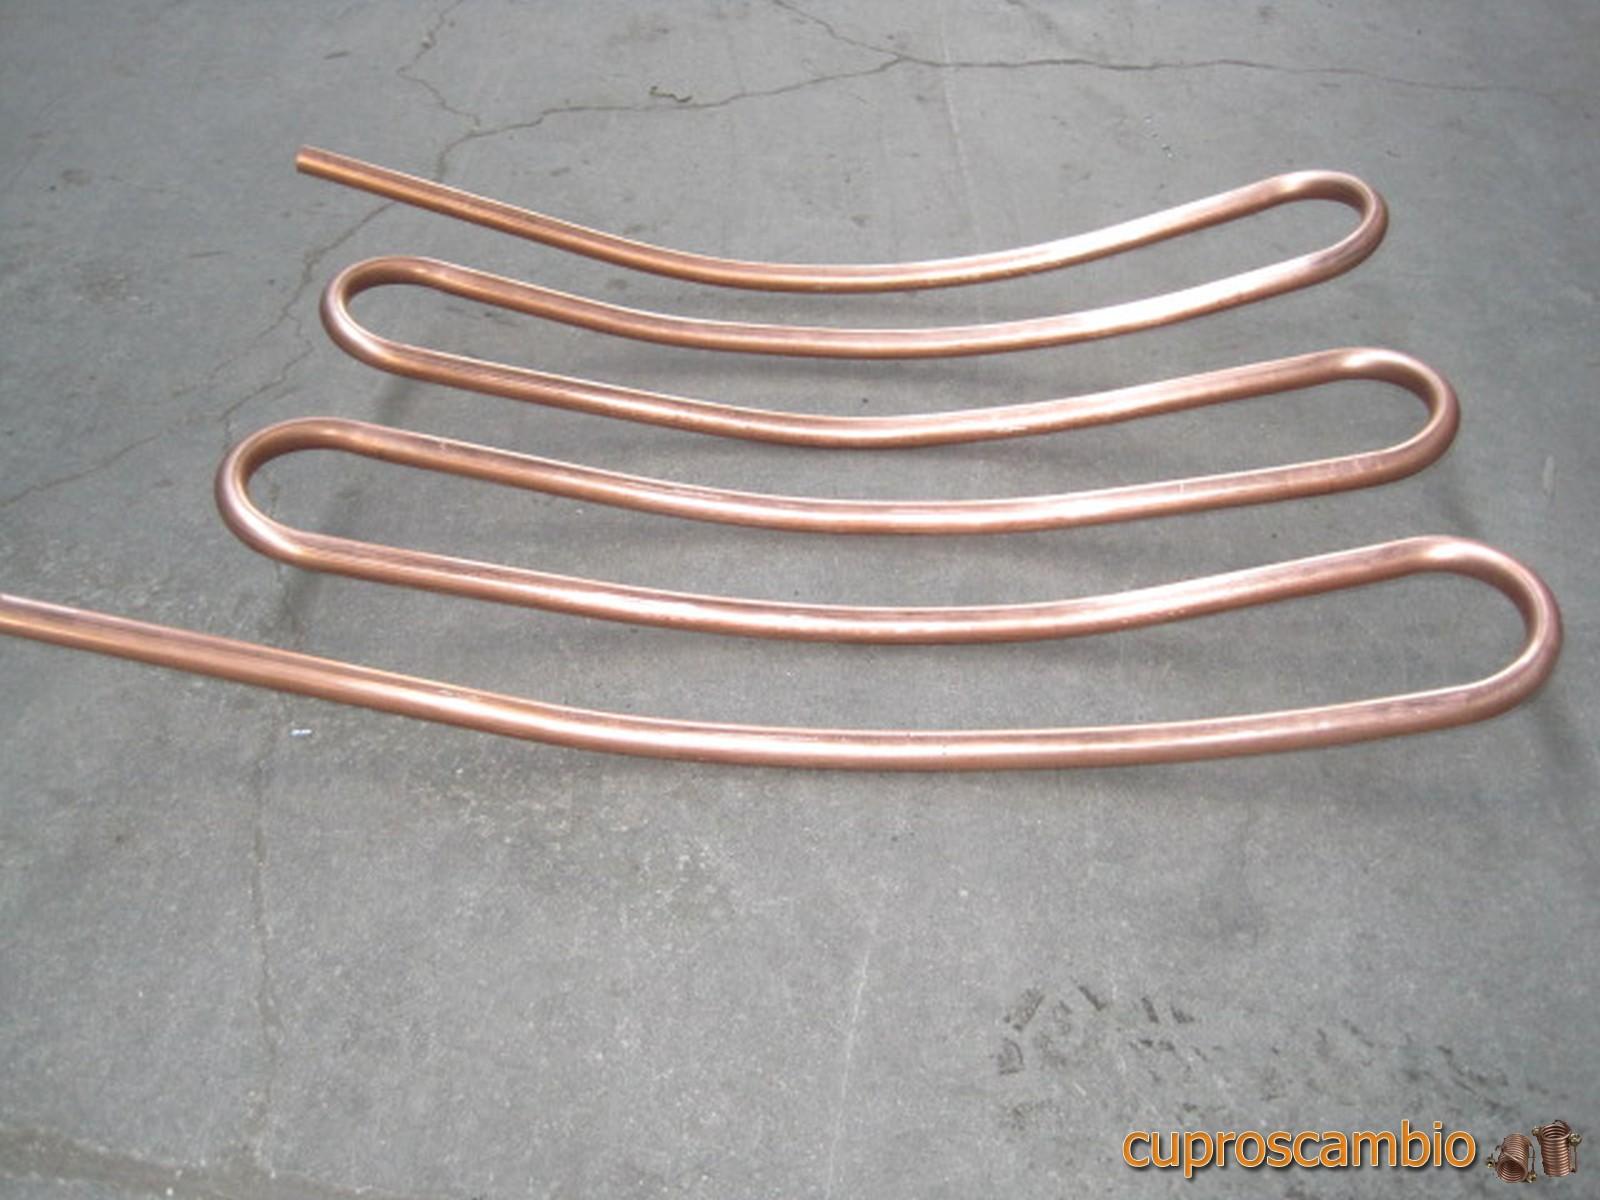 Serpentine di rame liscio e acciaio inox 316 L per il recupero di calore dai forni